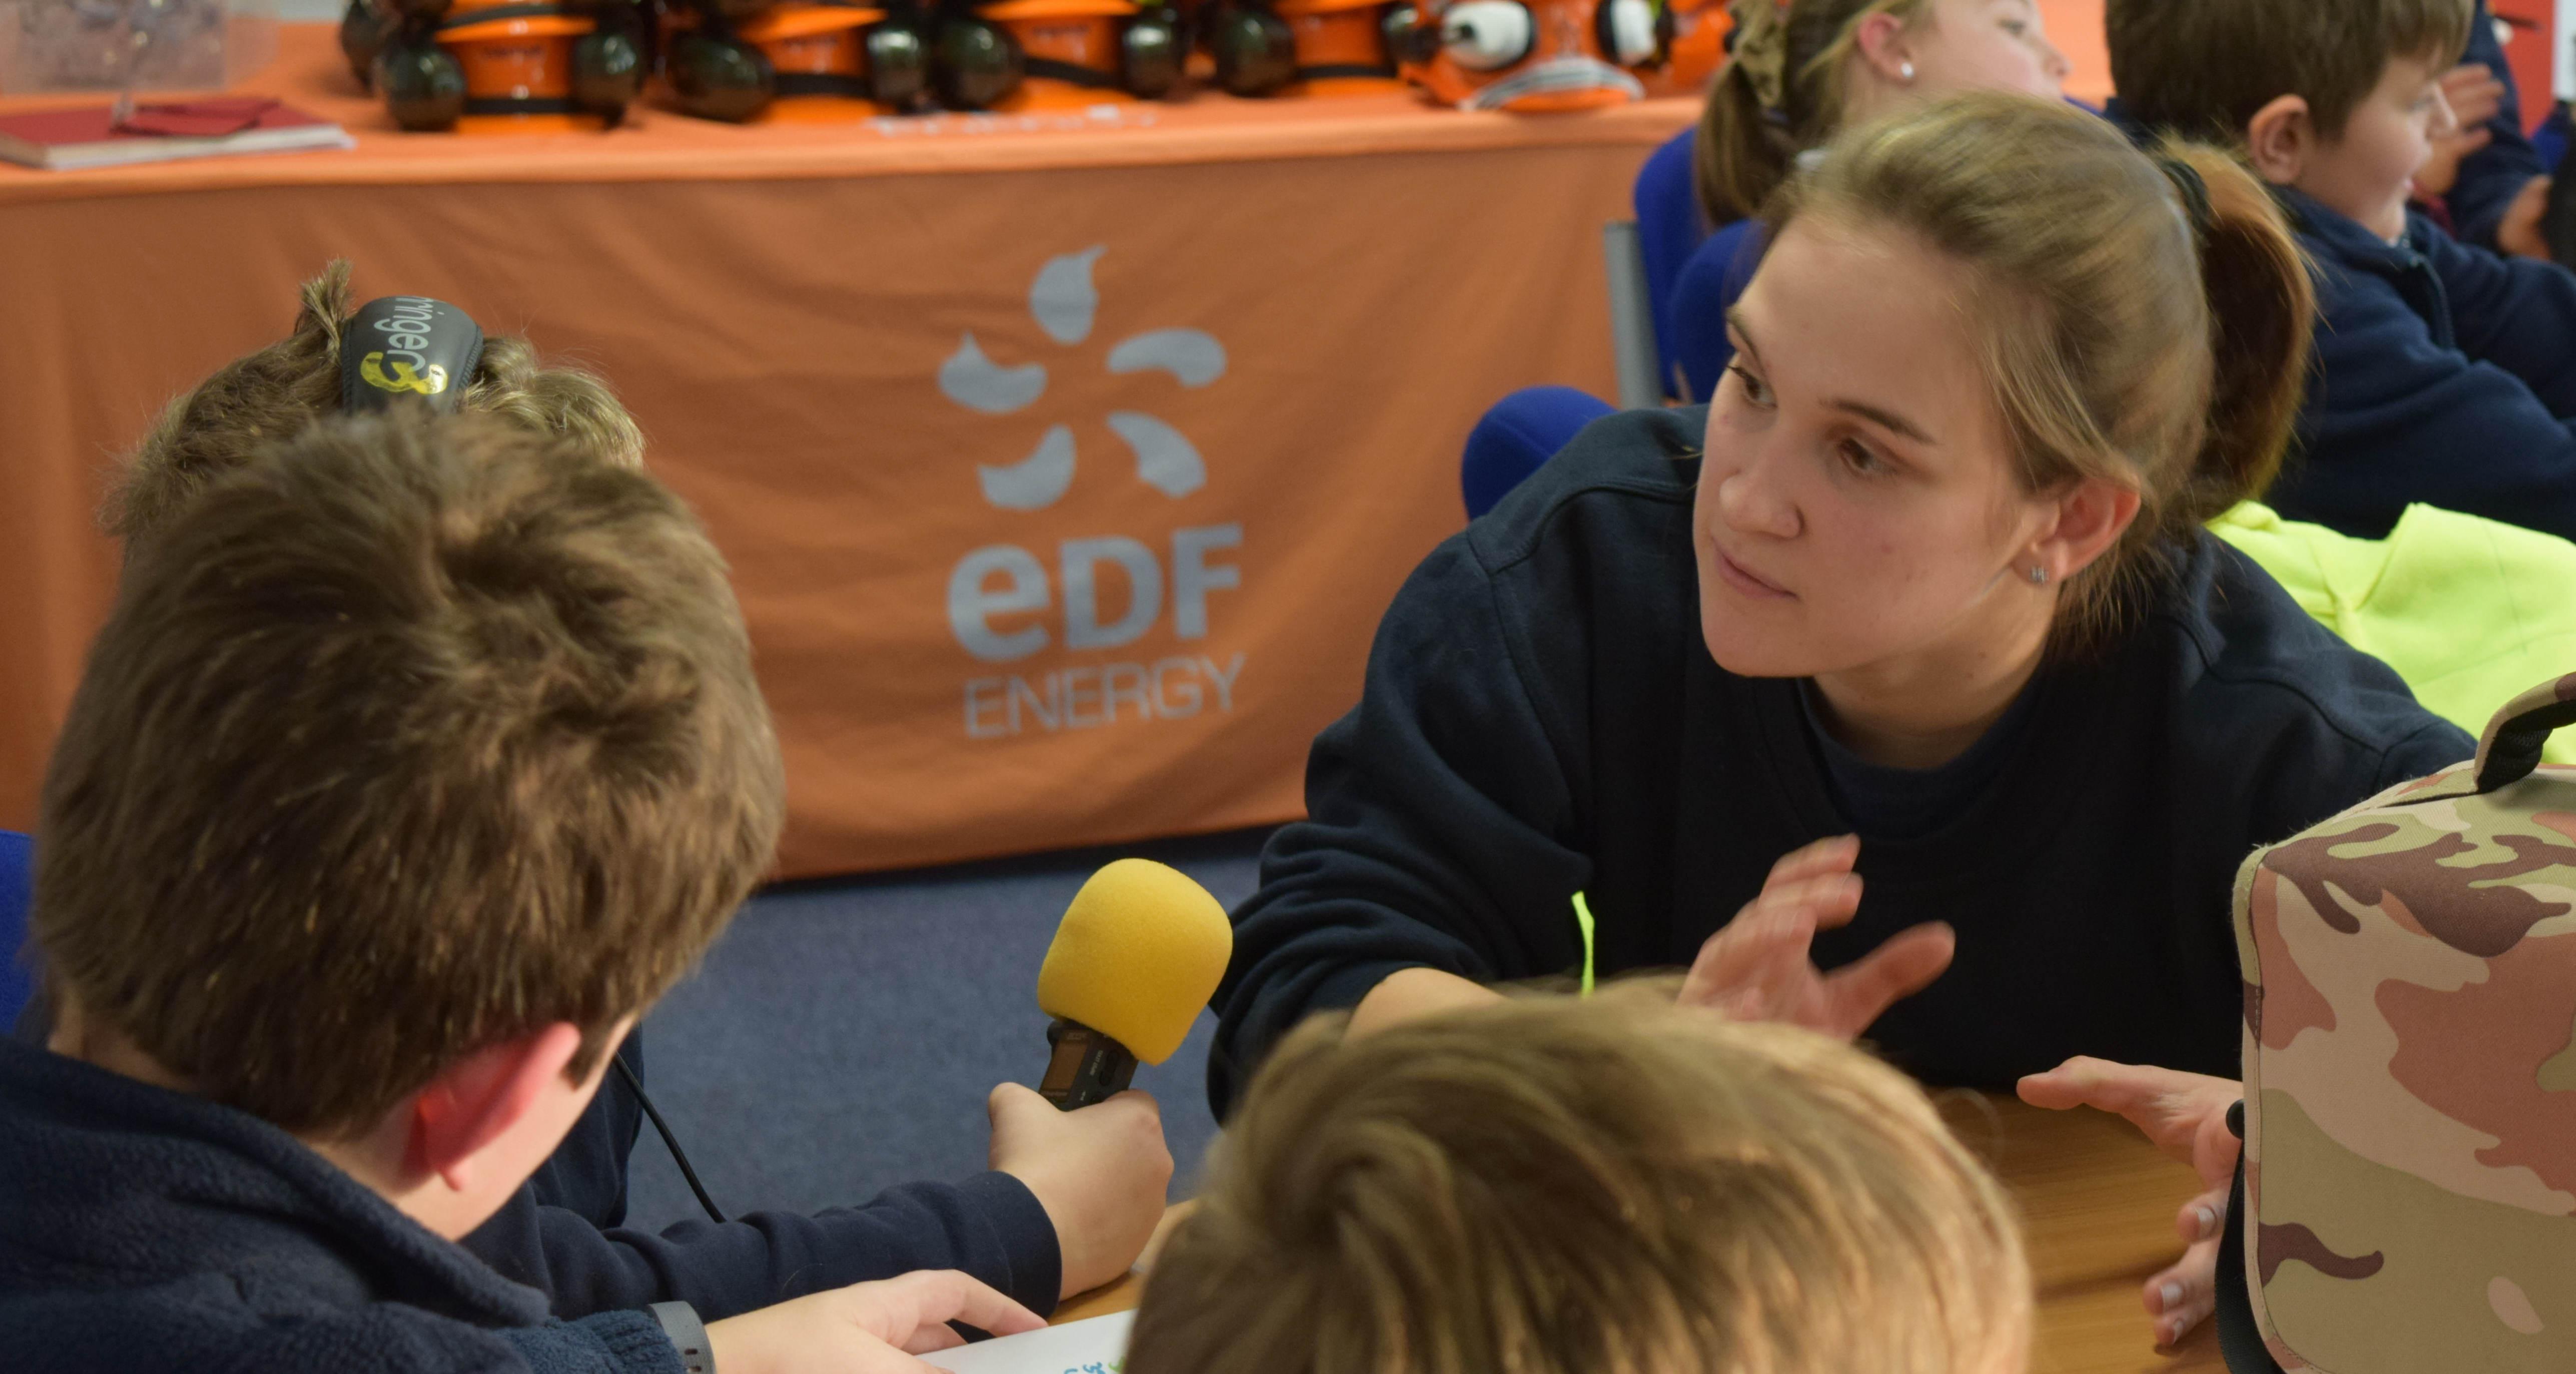 Academy FM Careers EDF Engineer